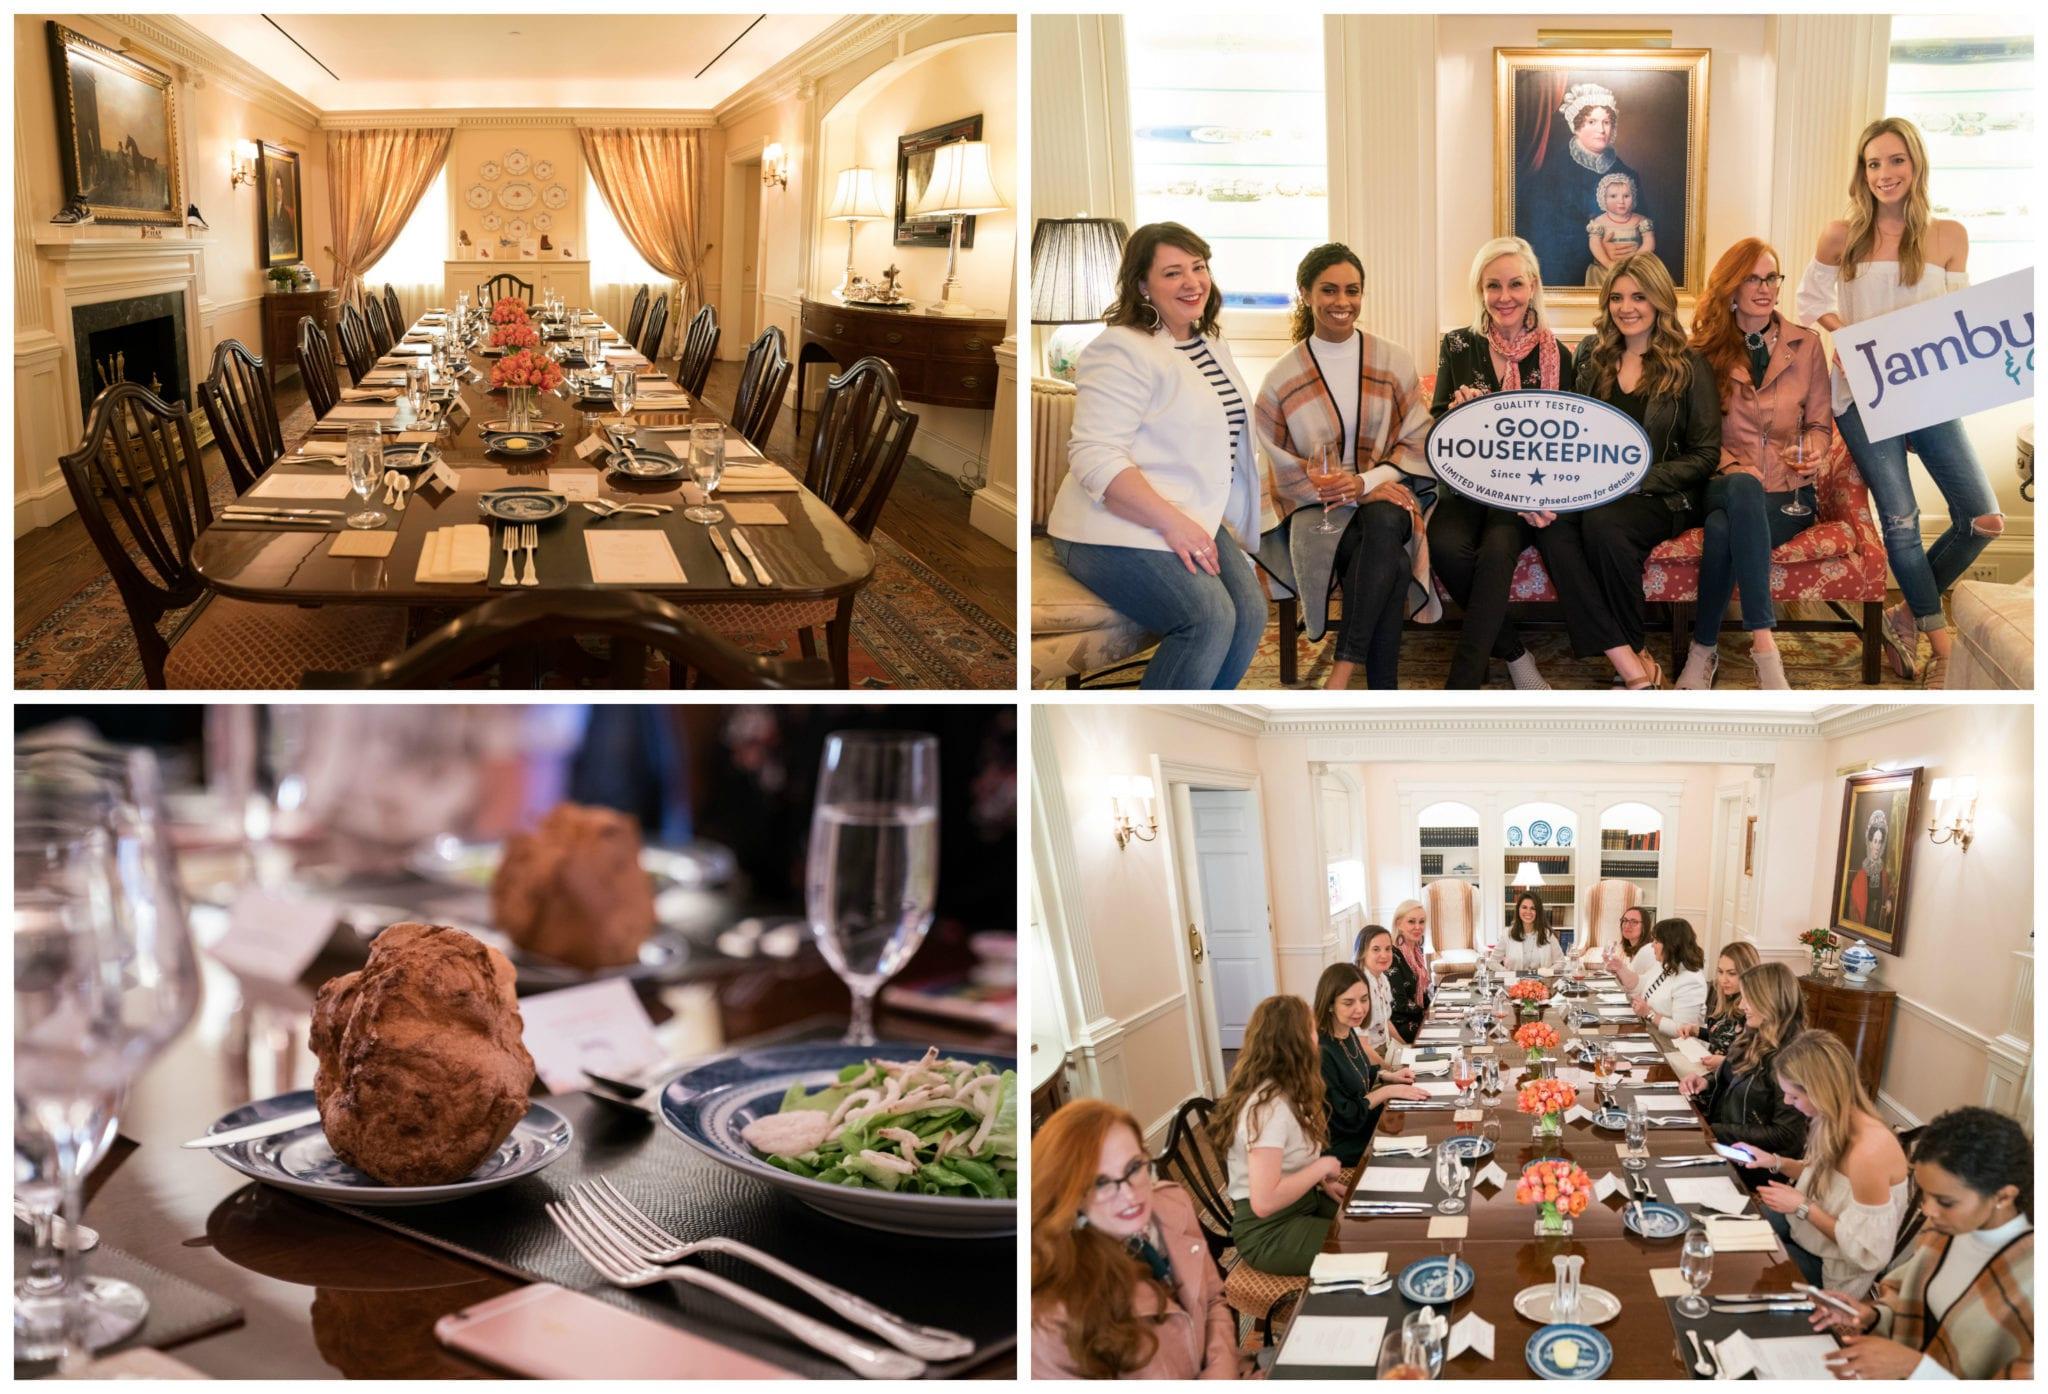 Good Housekeeping Presidents Room, blogger lunch, Jambu Footwear, editors of Good Housekeeping,